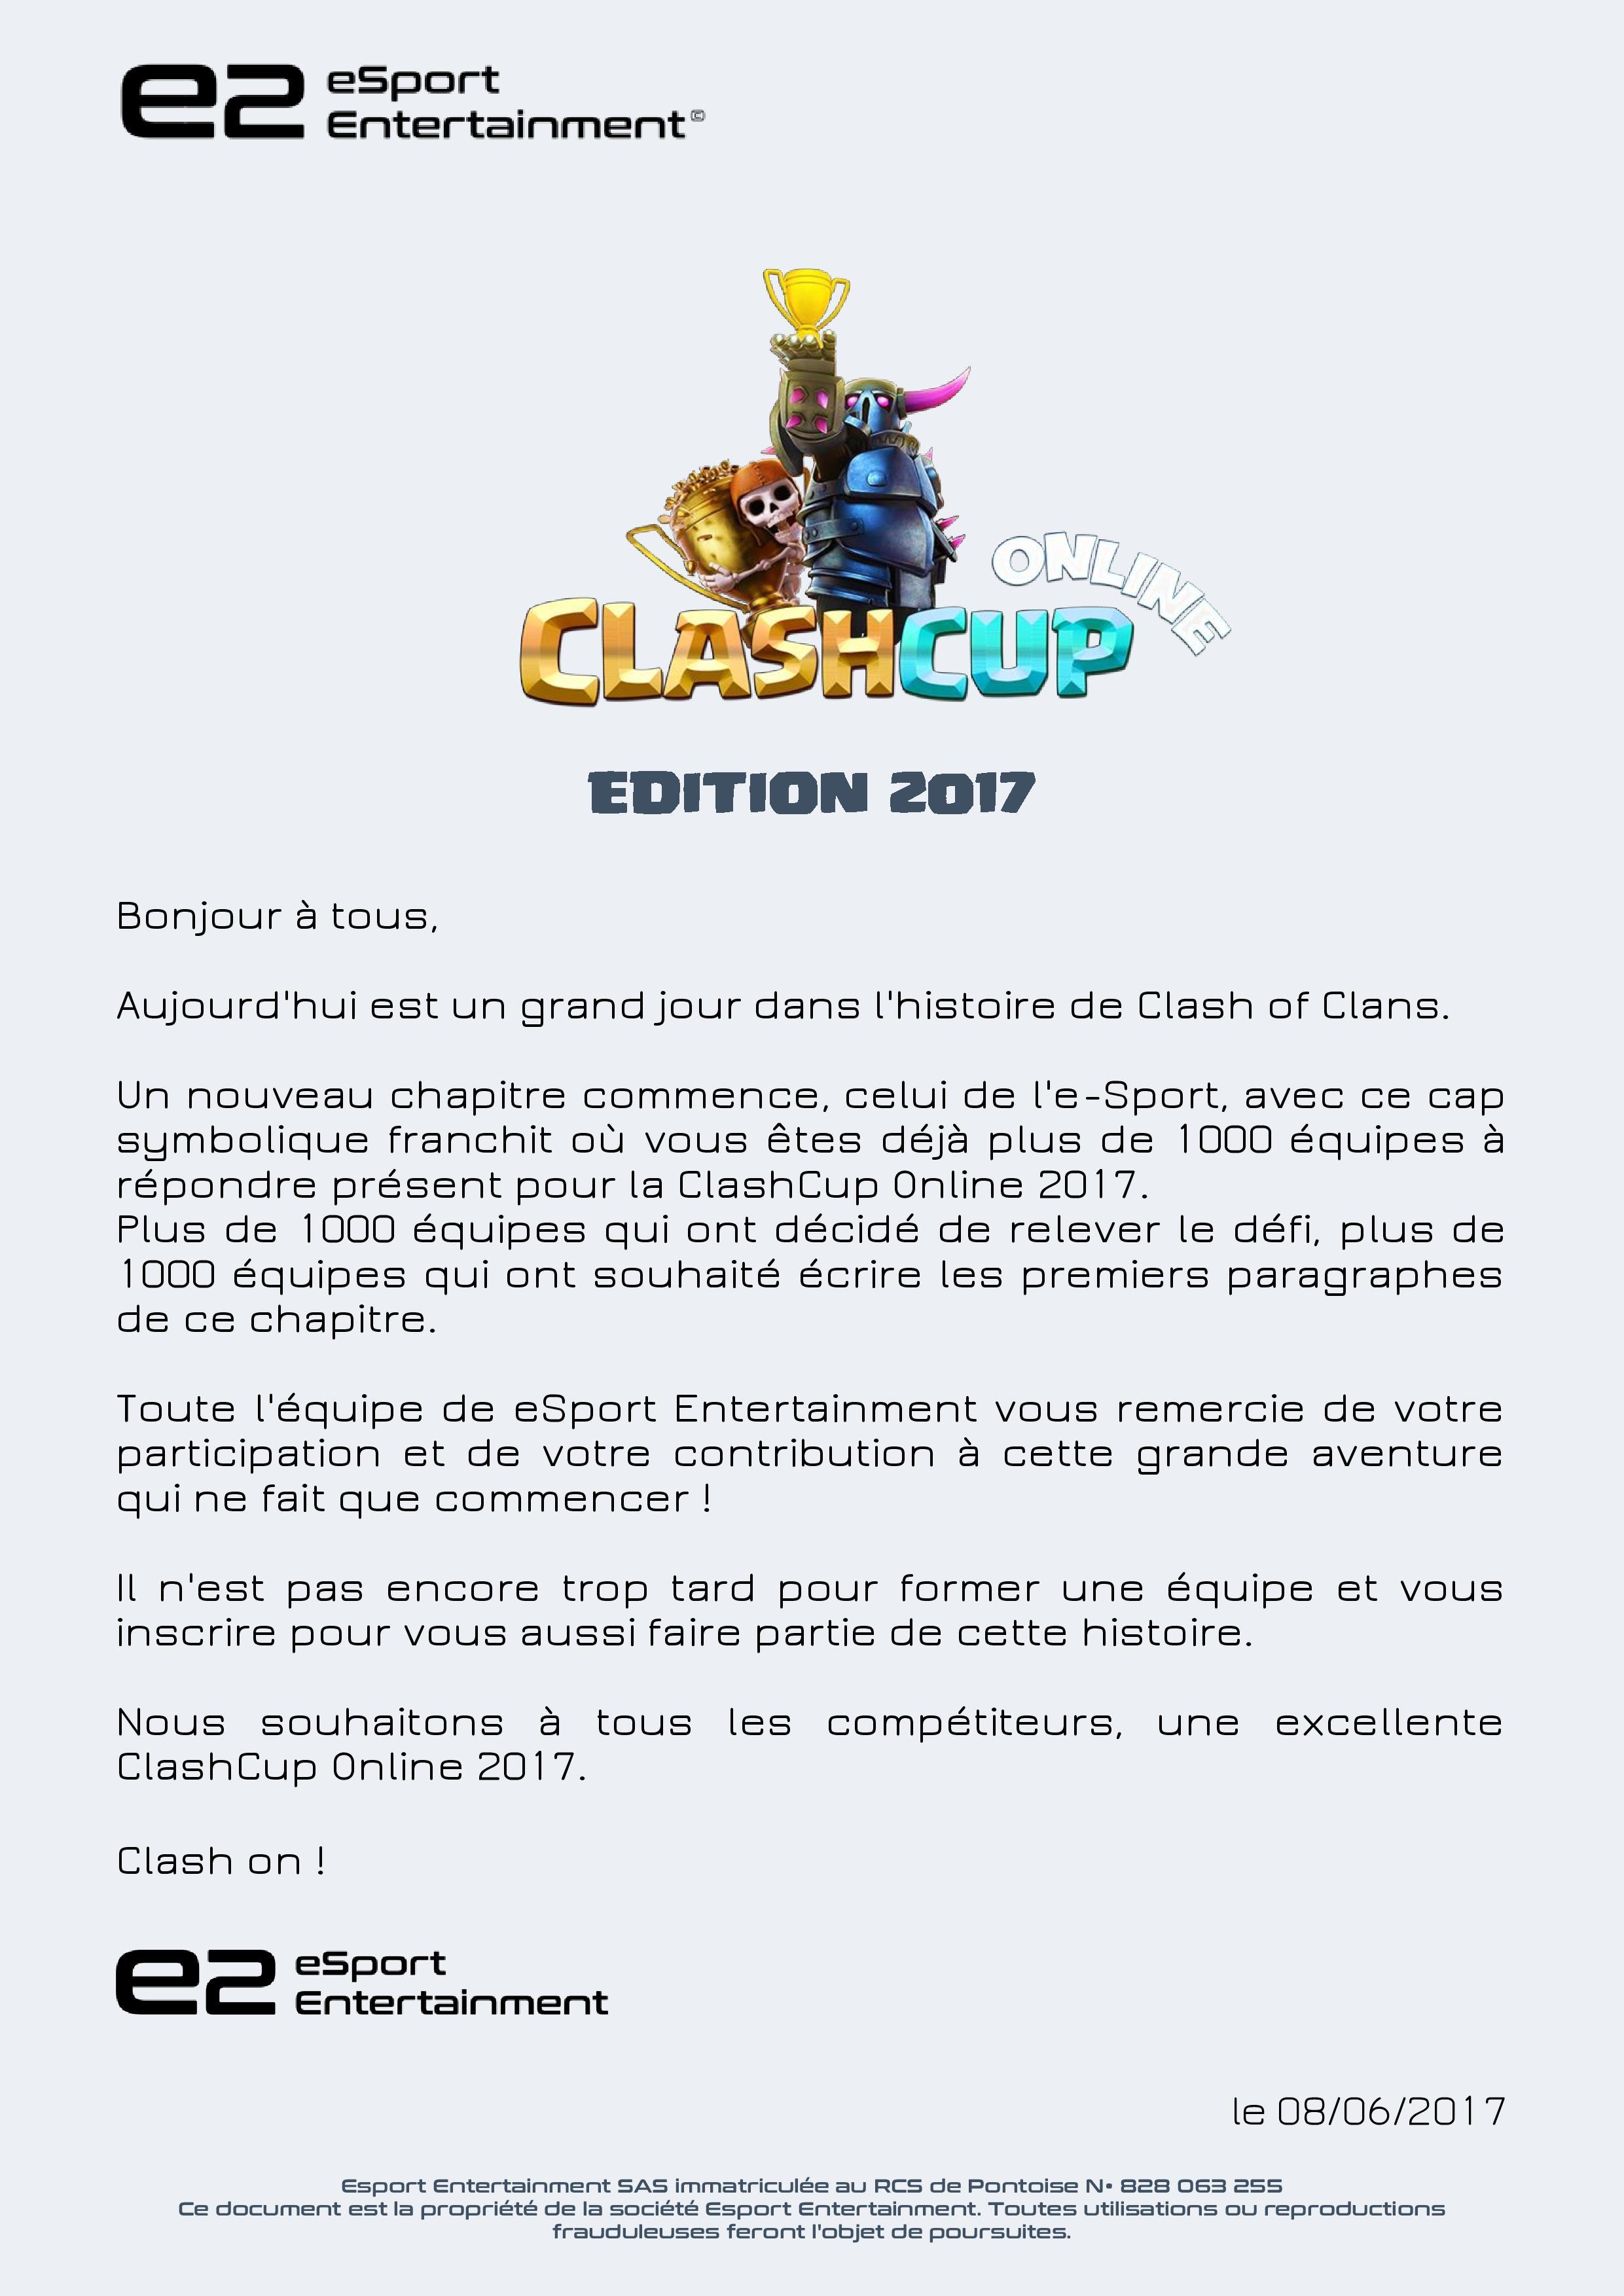 ClashCup Online 2017 - Lettre ouverte.jpg